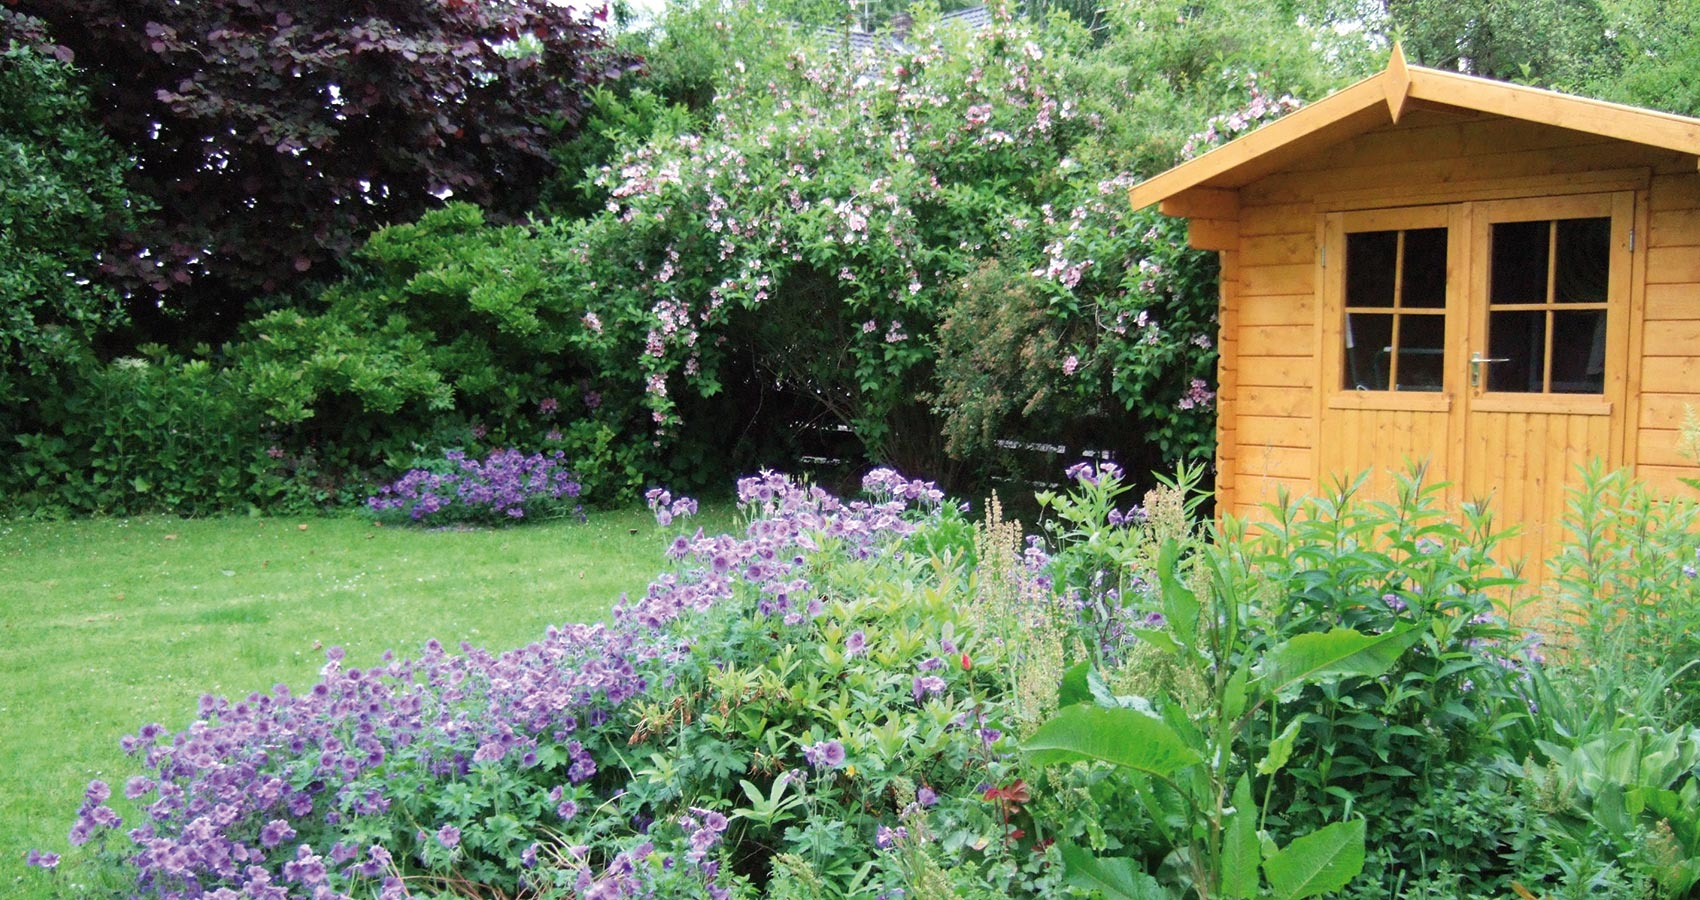 10 Questions À Se Poser Avant D'installer Son Abri De Jardin pour Support Abri De Jardin